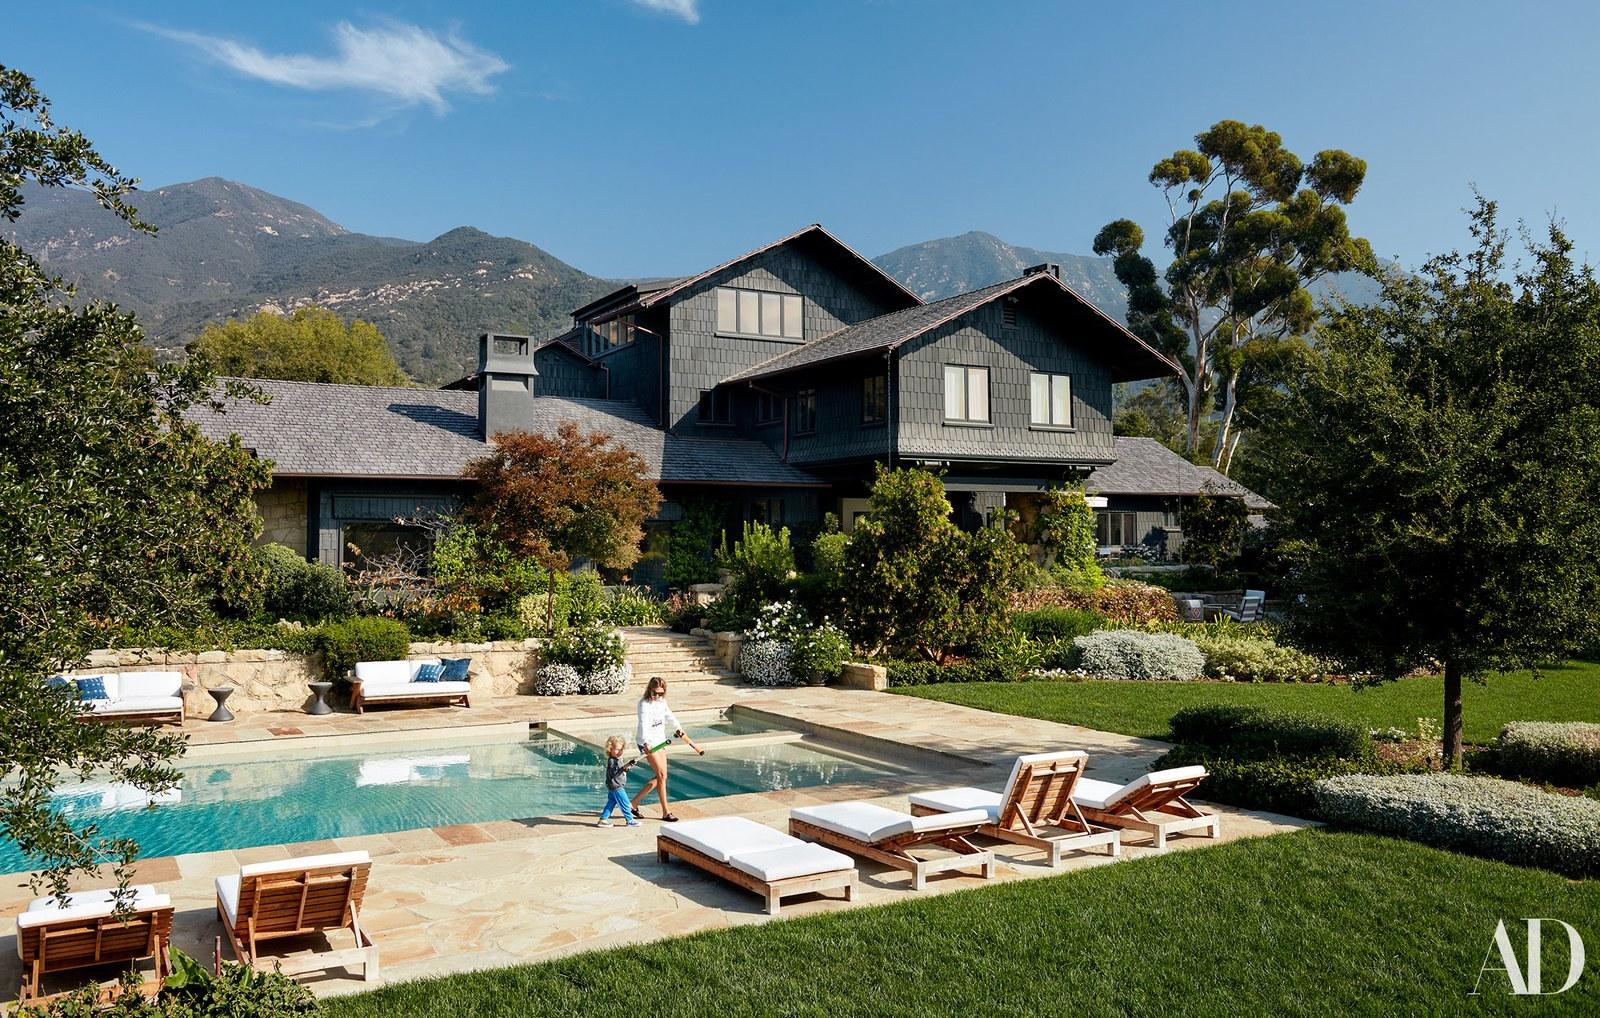 Justin Biebers Manager: Ein Blick in Scooter Brauns idyllisches Anwesen in Kalifornien 5